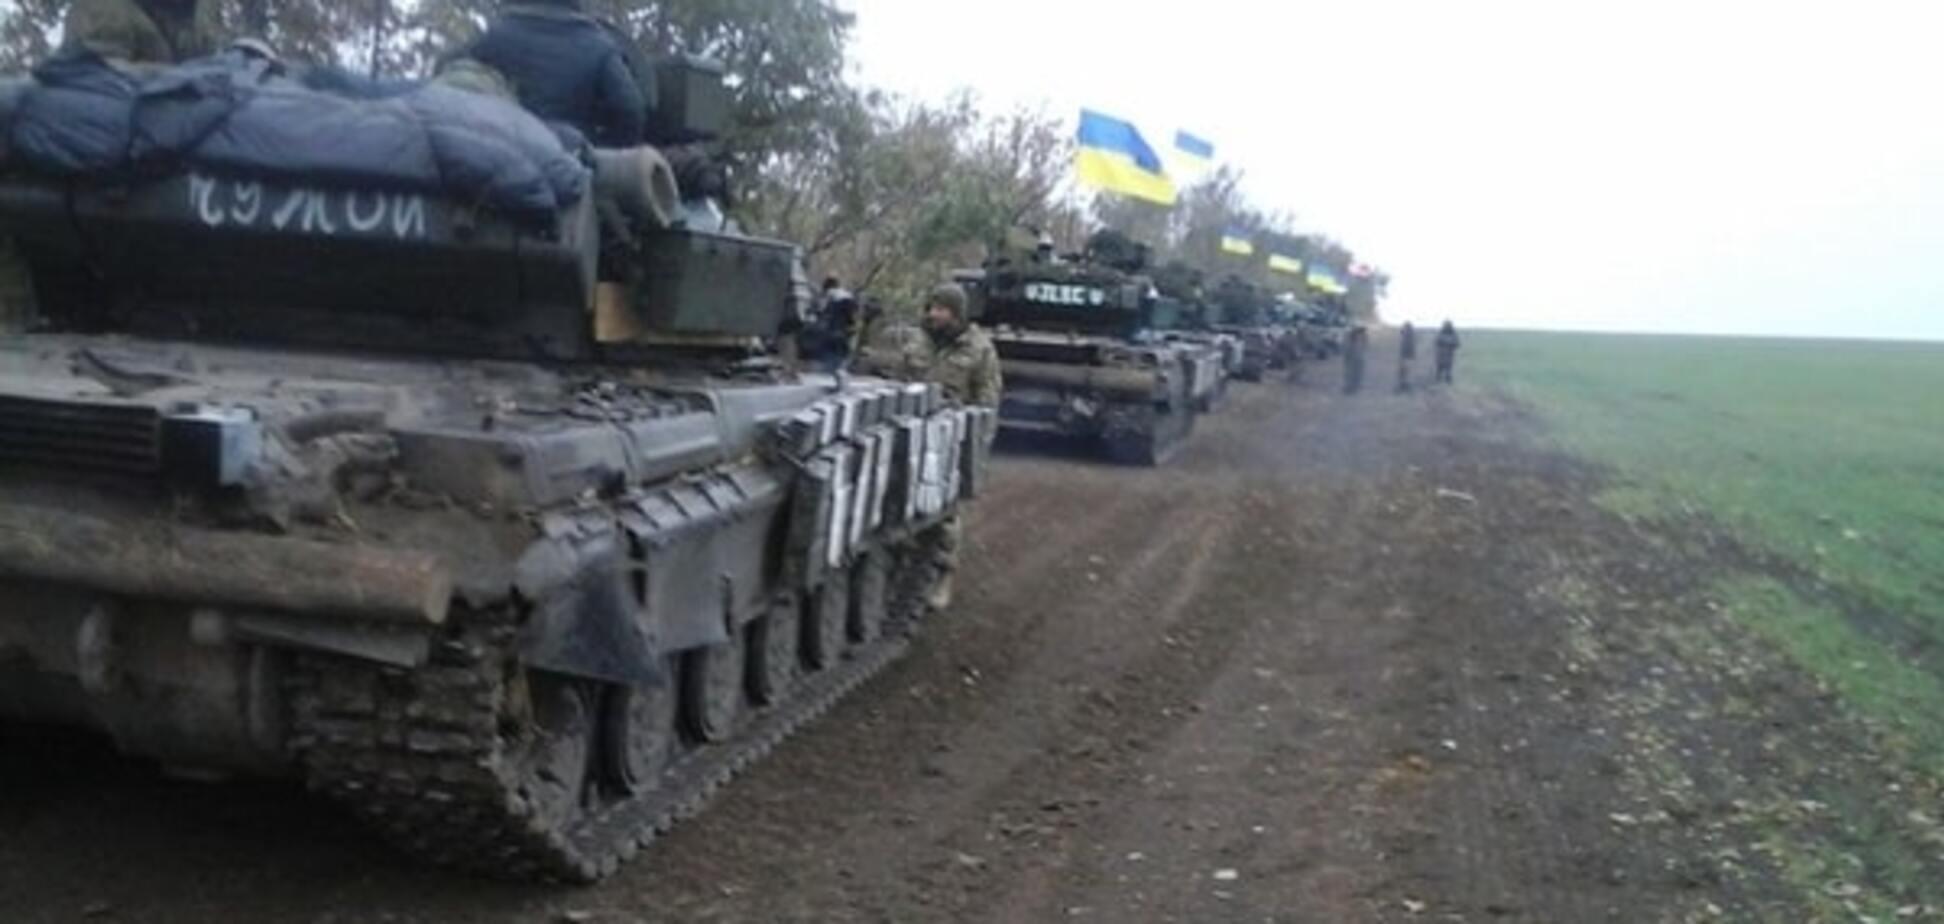 Один наш Т-64 против семи врага: танкист рассказал о подвигах побратимов на Саур-Могиле. Фоторепортаж